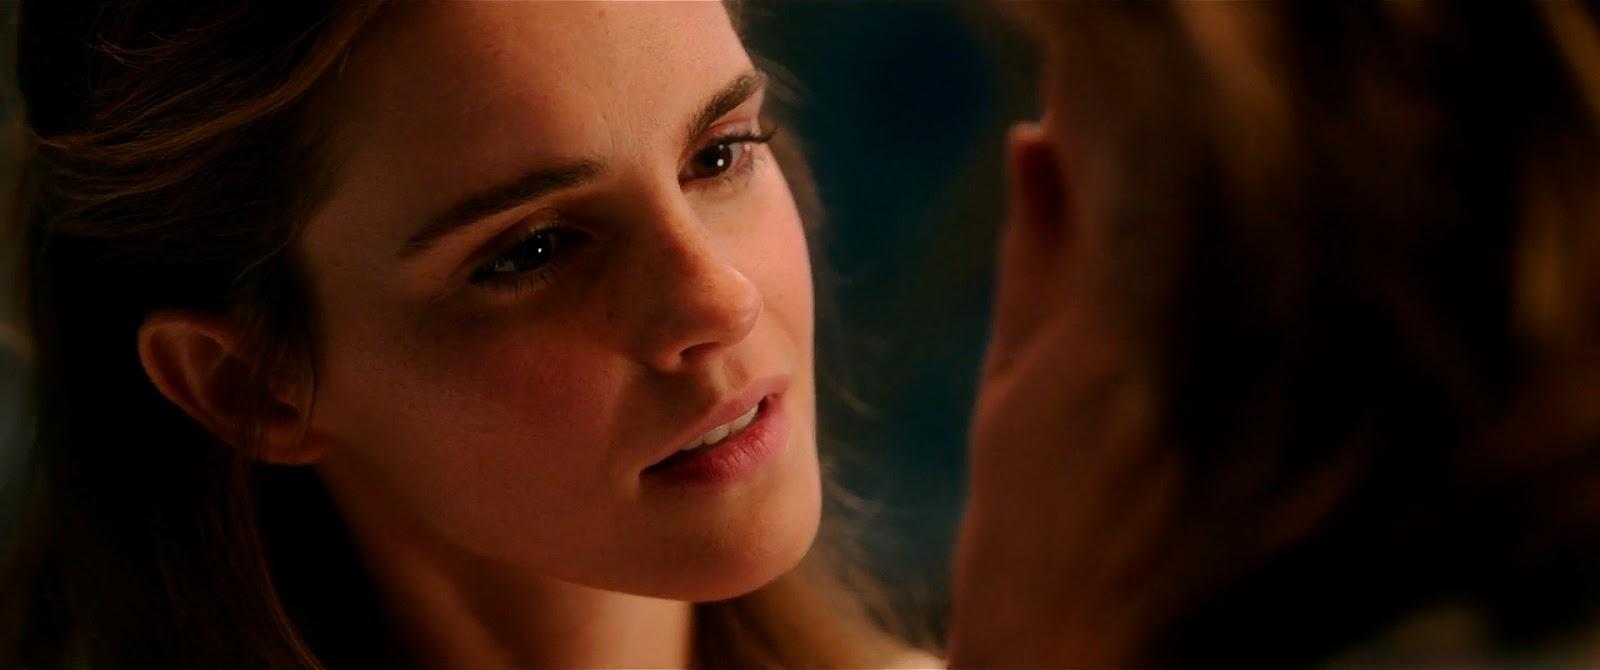 La Bella y la Bestia 2017 HD 1080p Latino captura 2